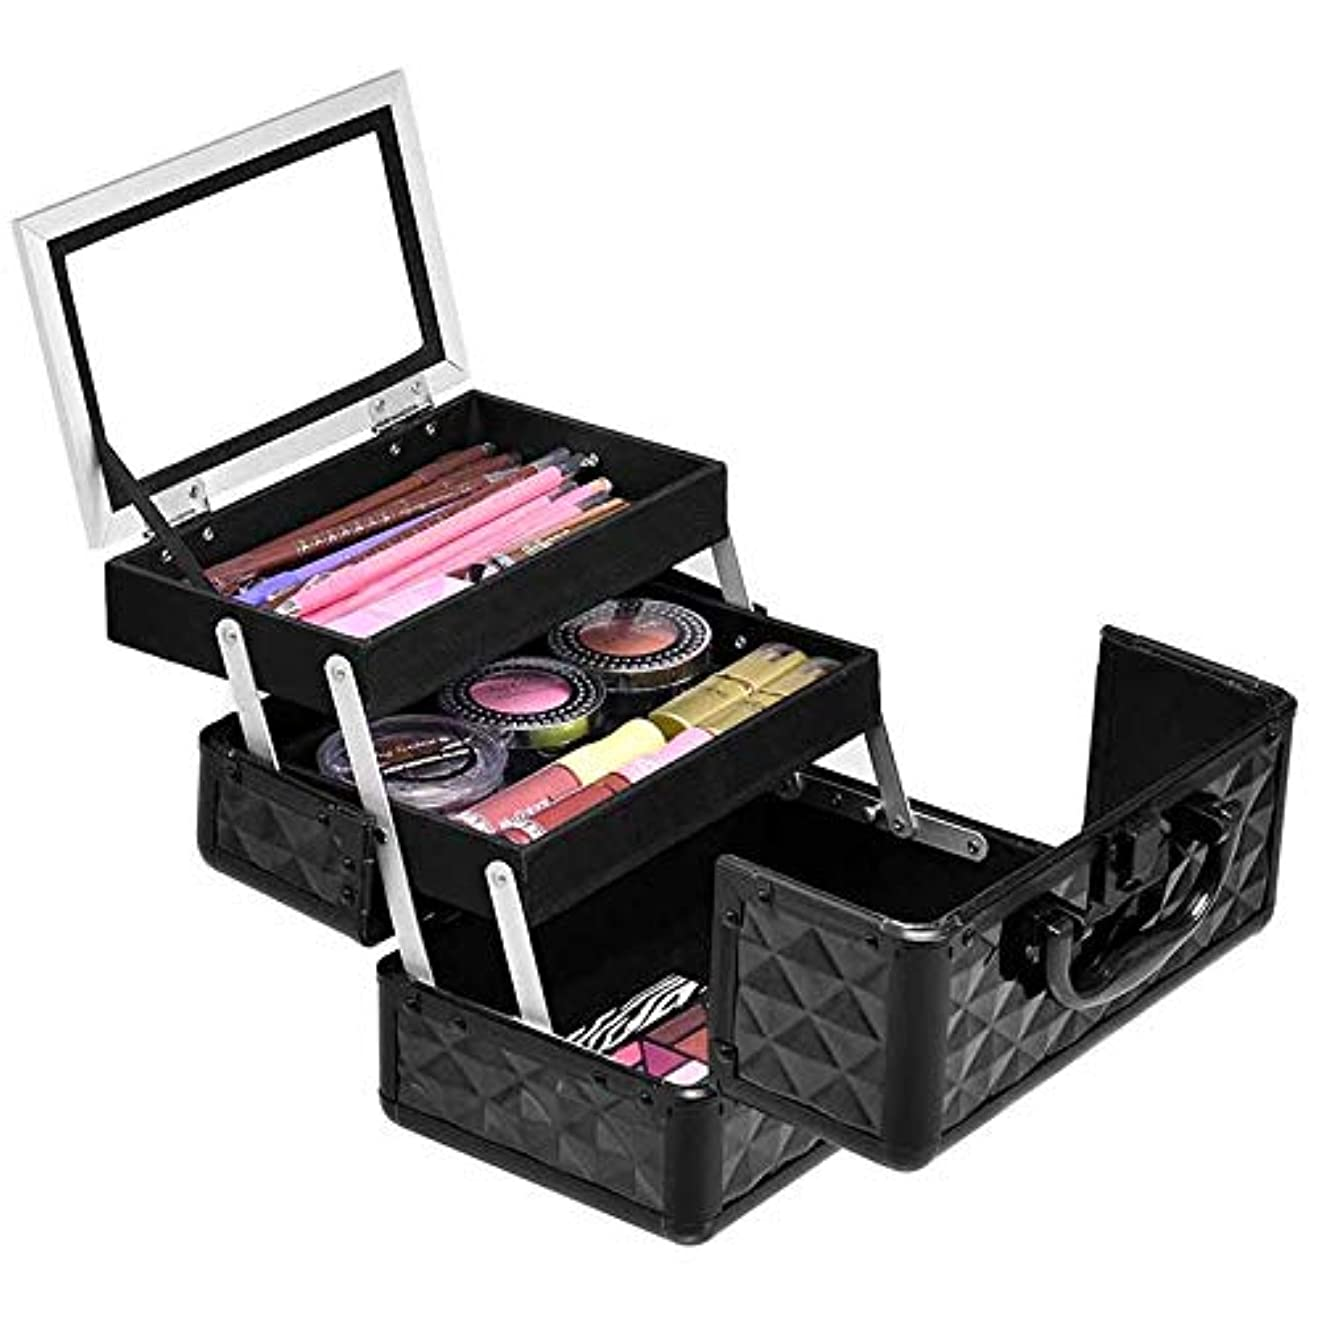 地中海崩壊道徳Costway コスメボックス メイクボックス 鏡付き 大容量 持ち運び 化粧品収納ボックス プロ用 化粧箱 コスメ収納ボックス ブラック